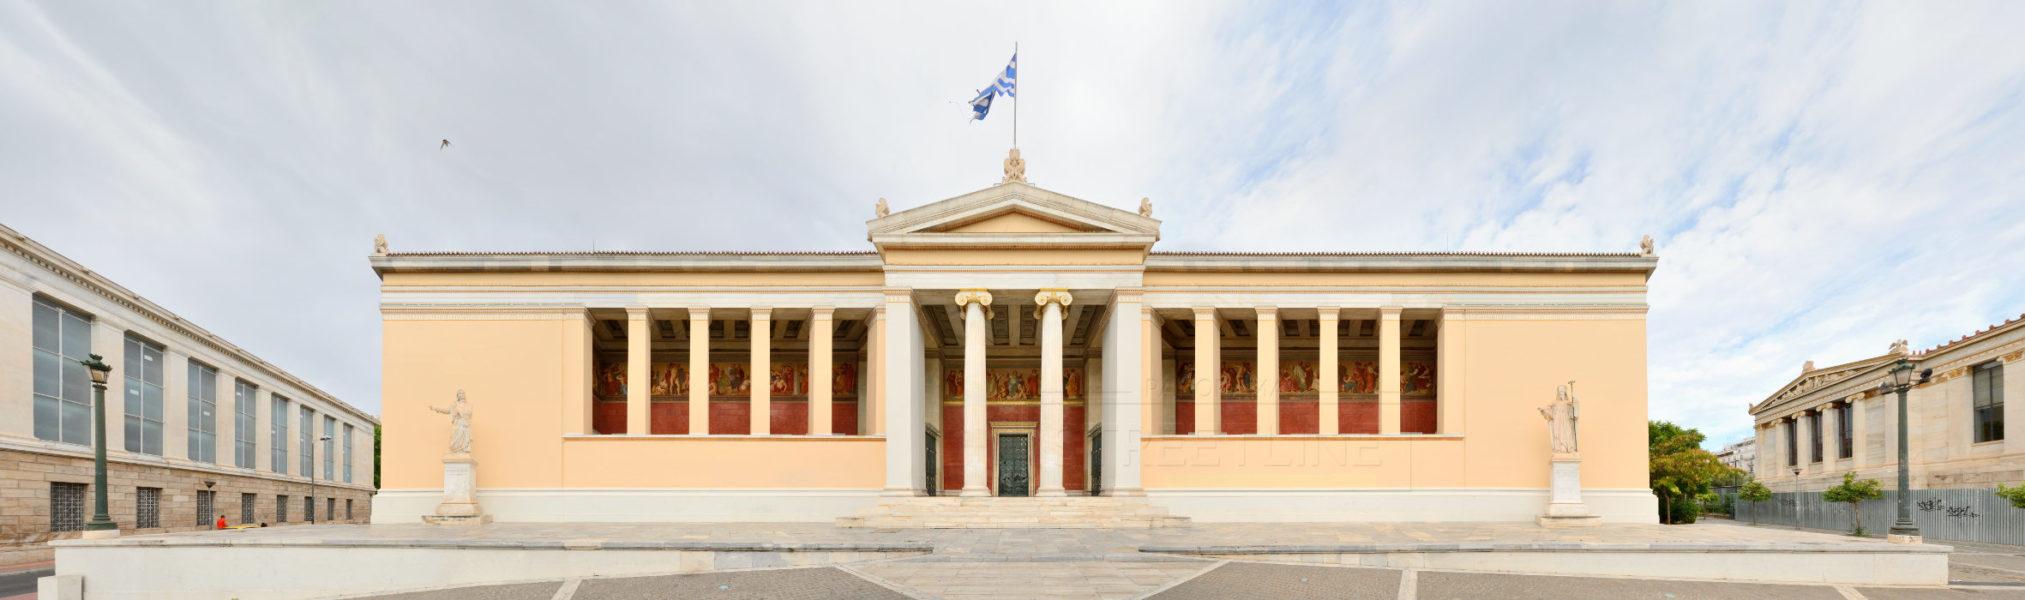 Universität Athen